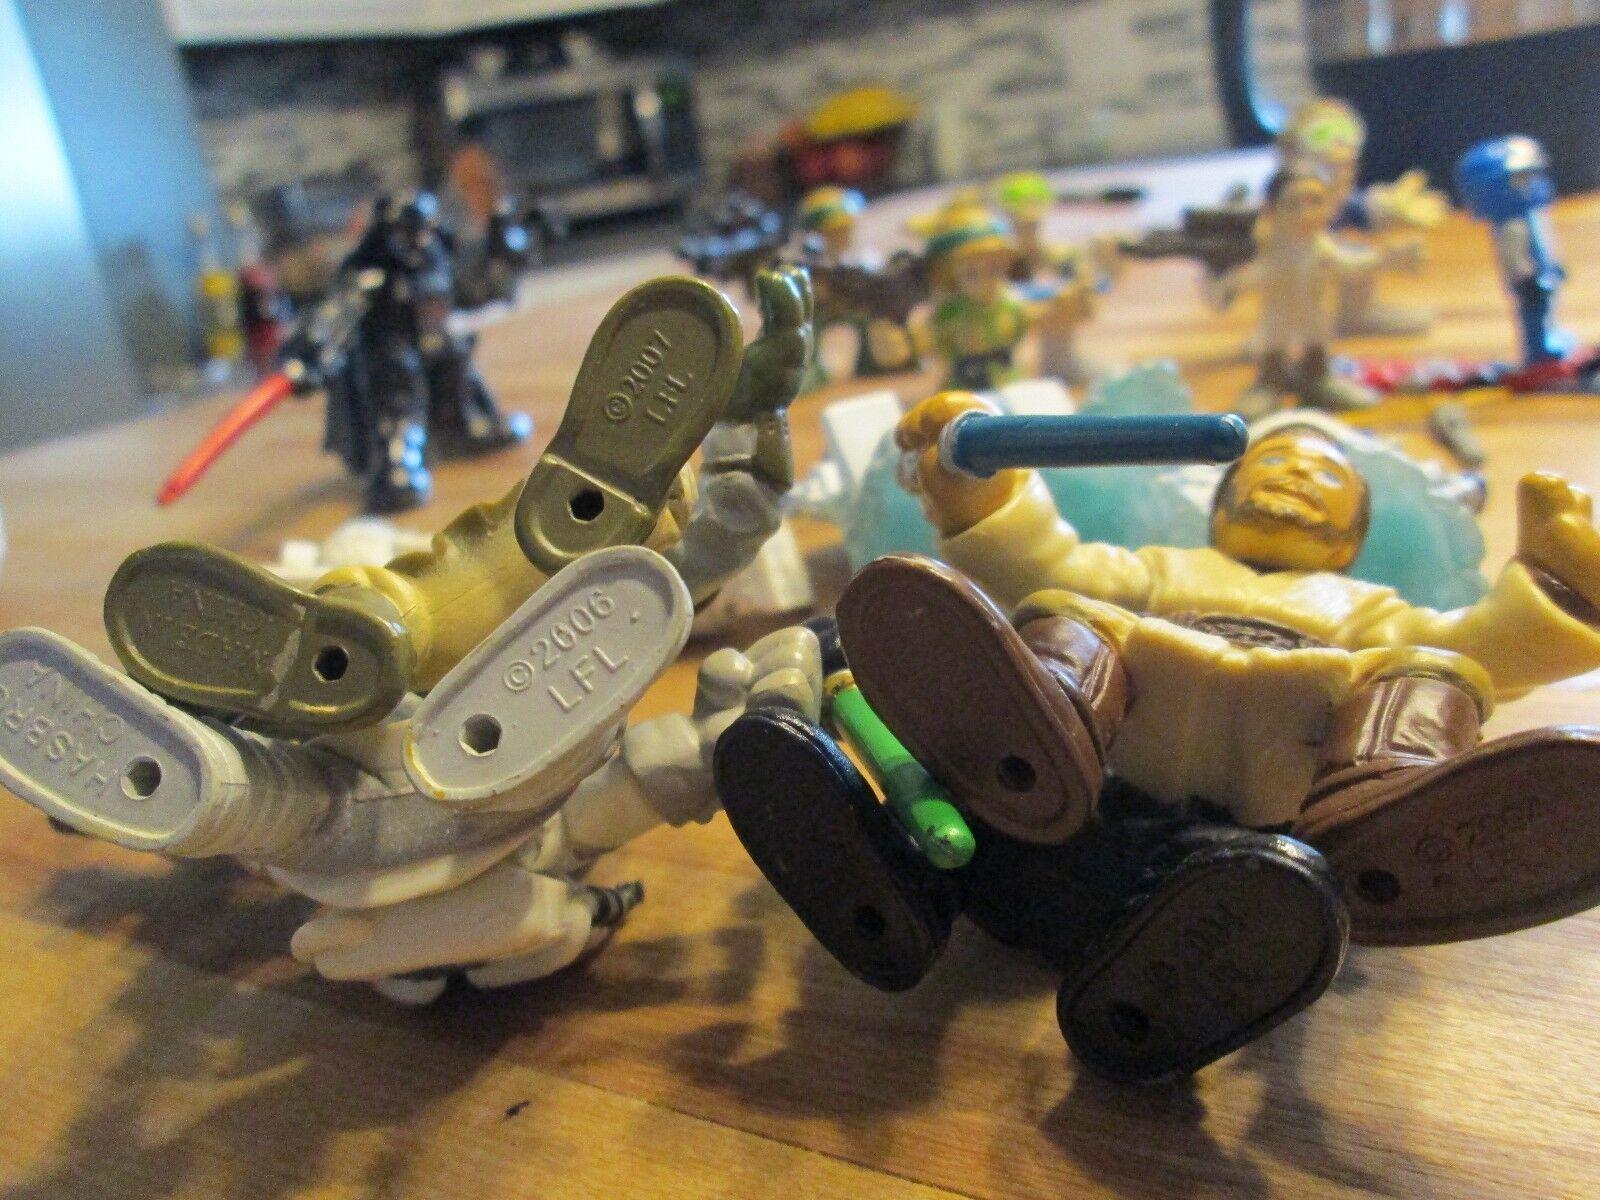 VINTAGE STAR WARS FIGURINES FIGURINES FIGURINES LOT OF 17 + LEGO WATCH FIGURE 1997-2007 HANS LUKE 6f9558